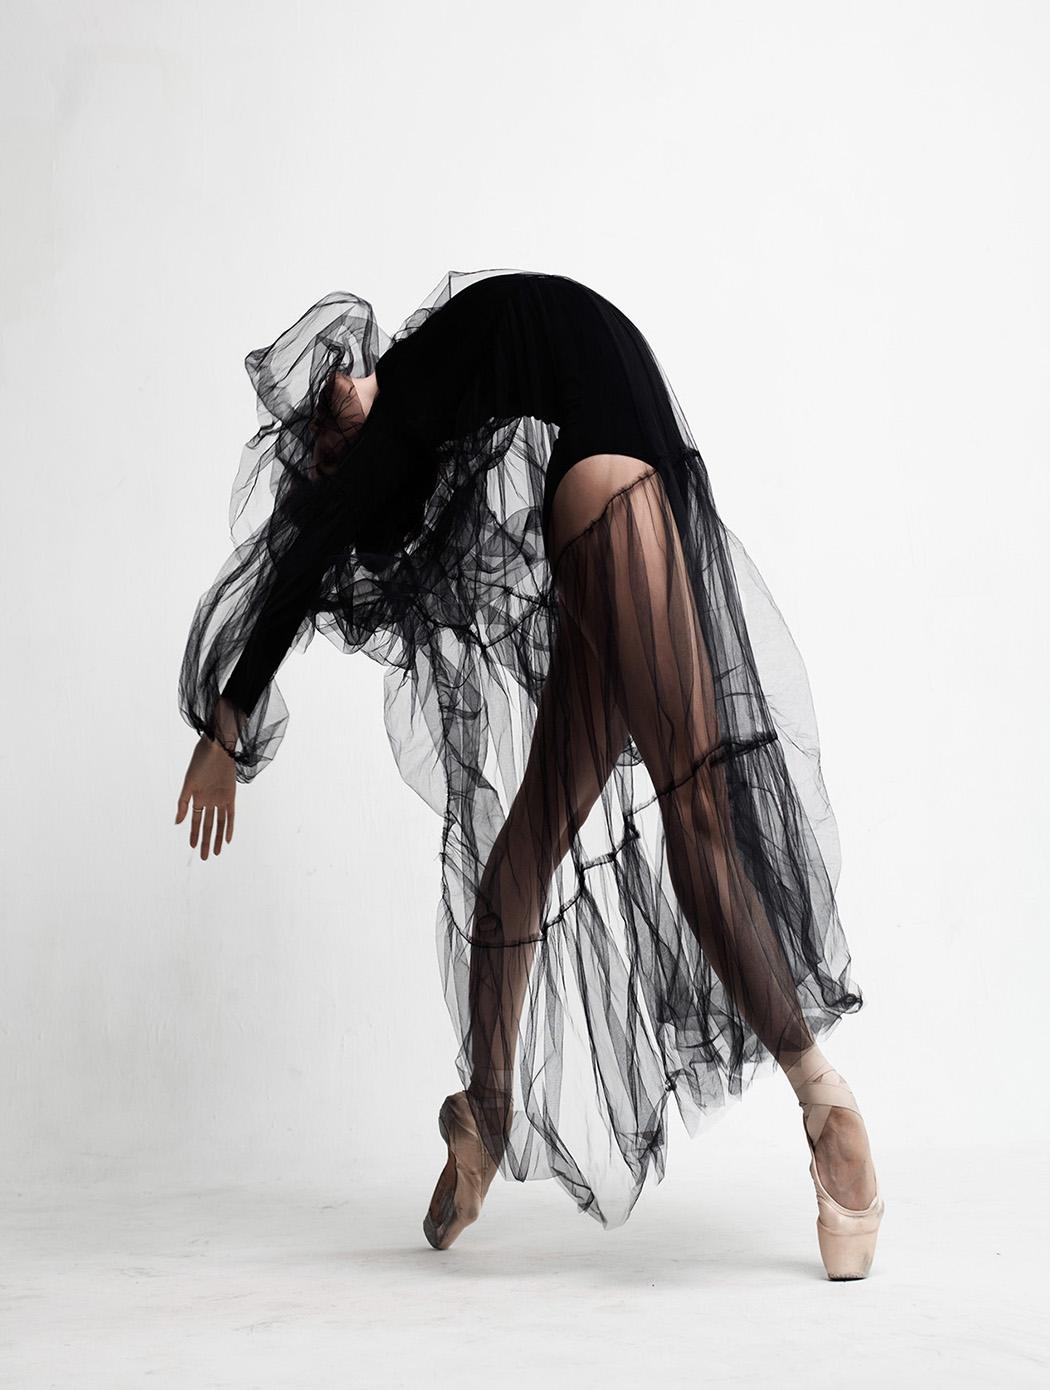 Soul sisters_Красота в движении